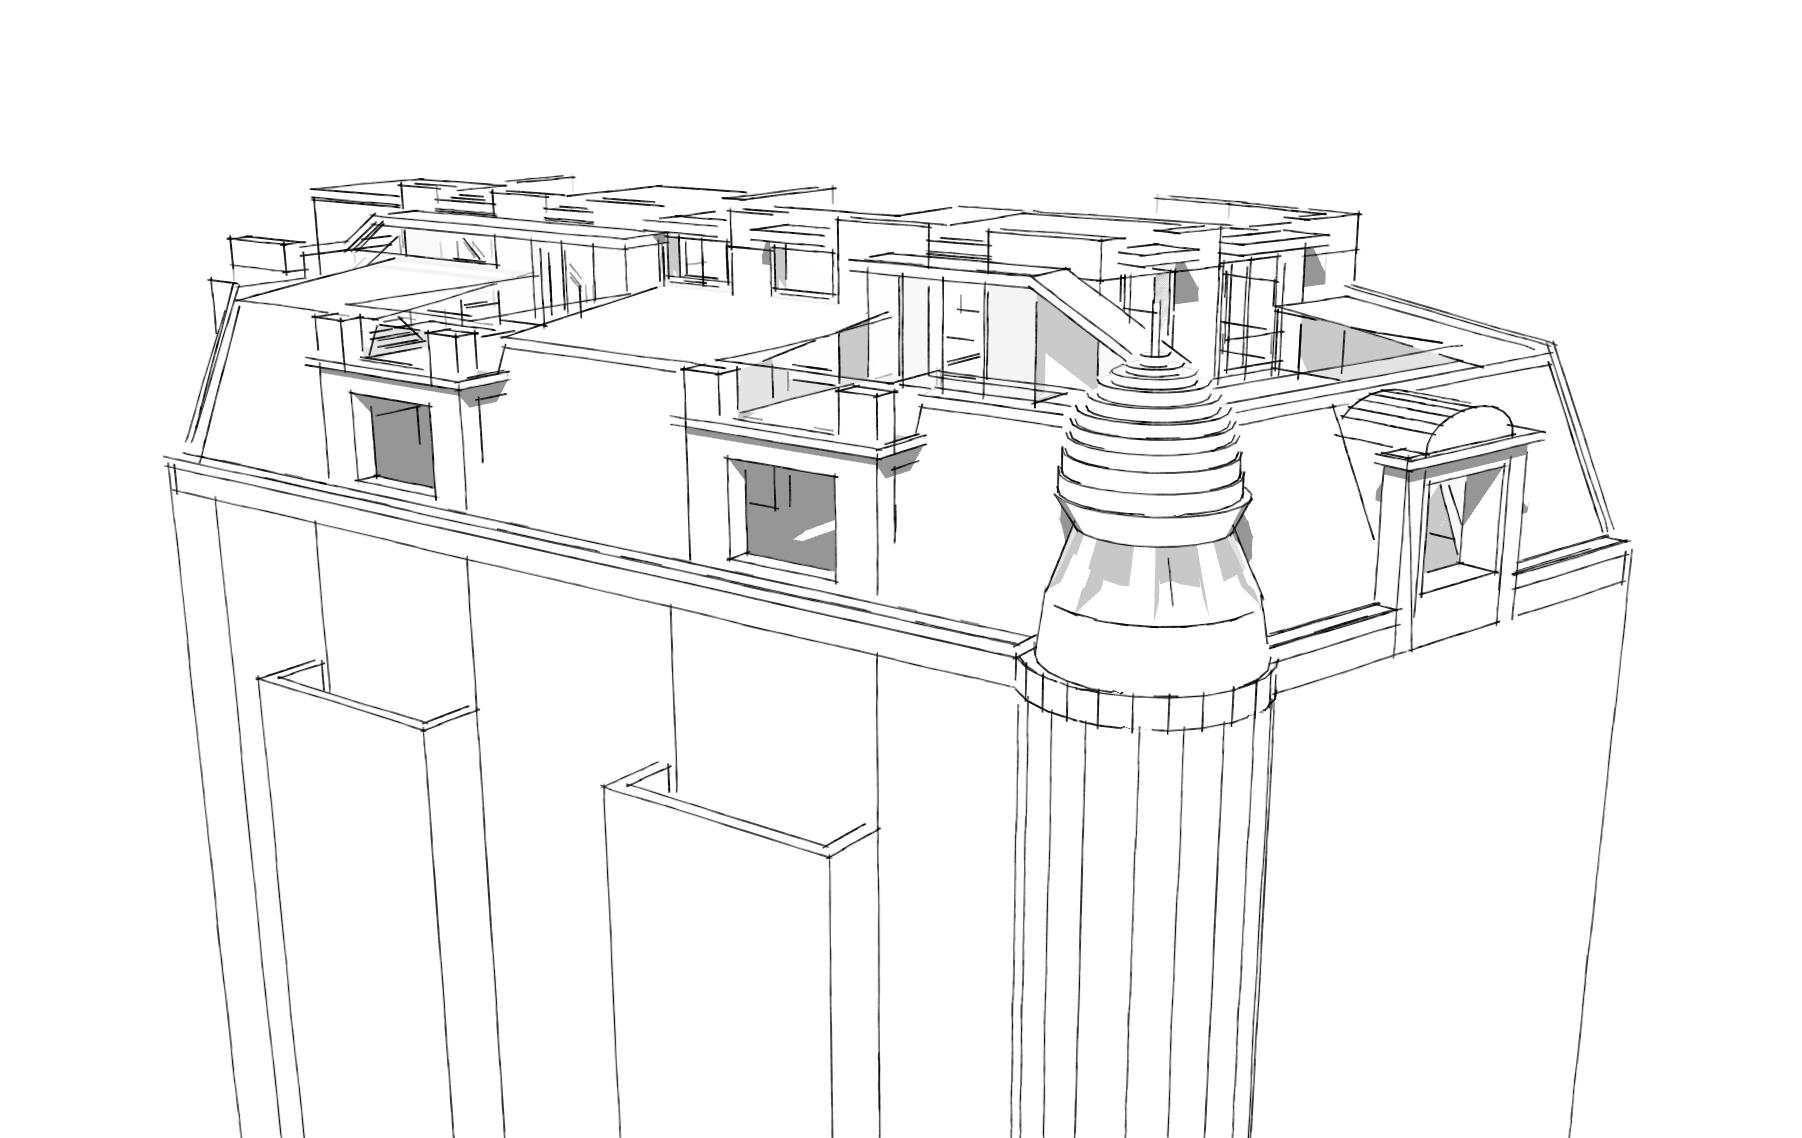 Dachboden-Ausbau